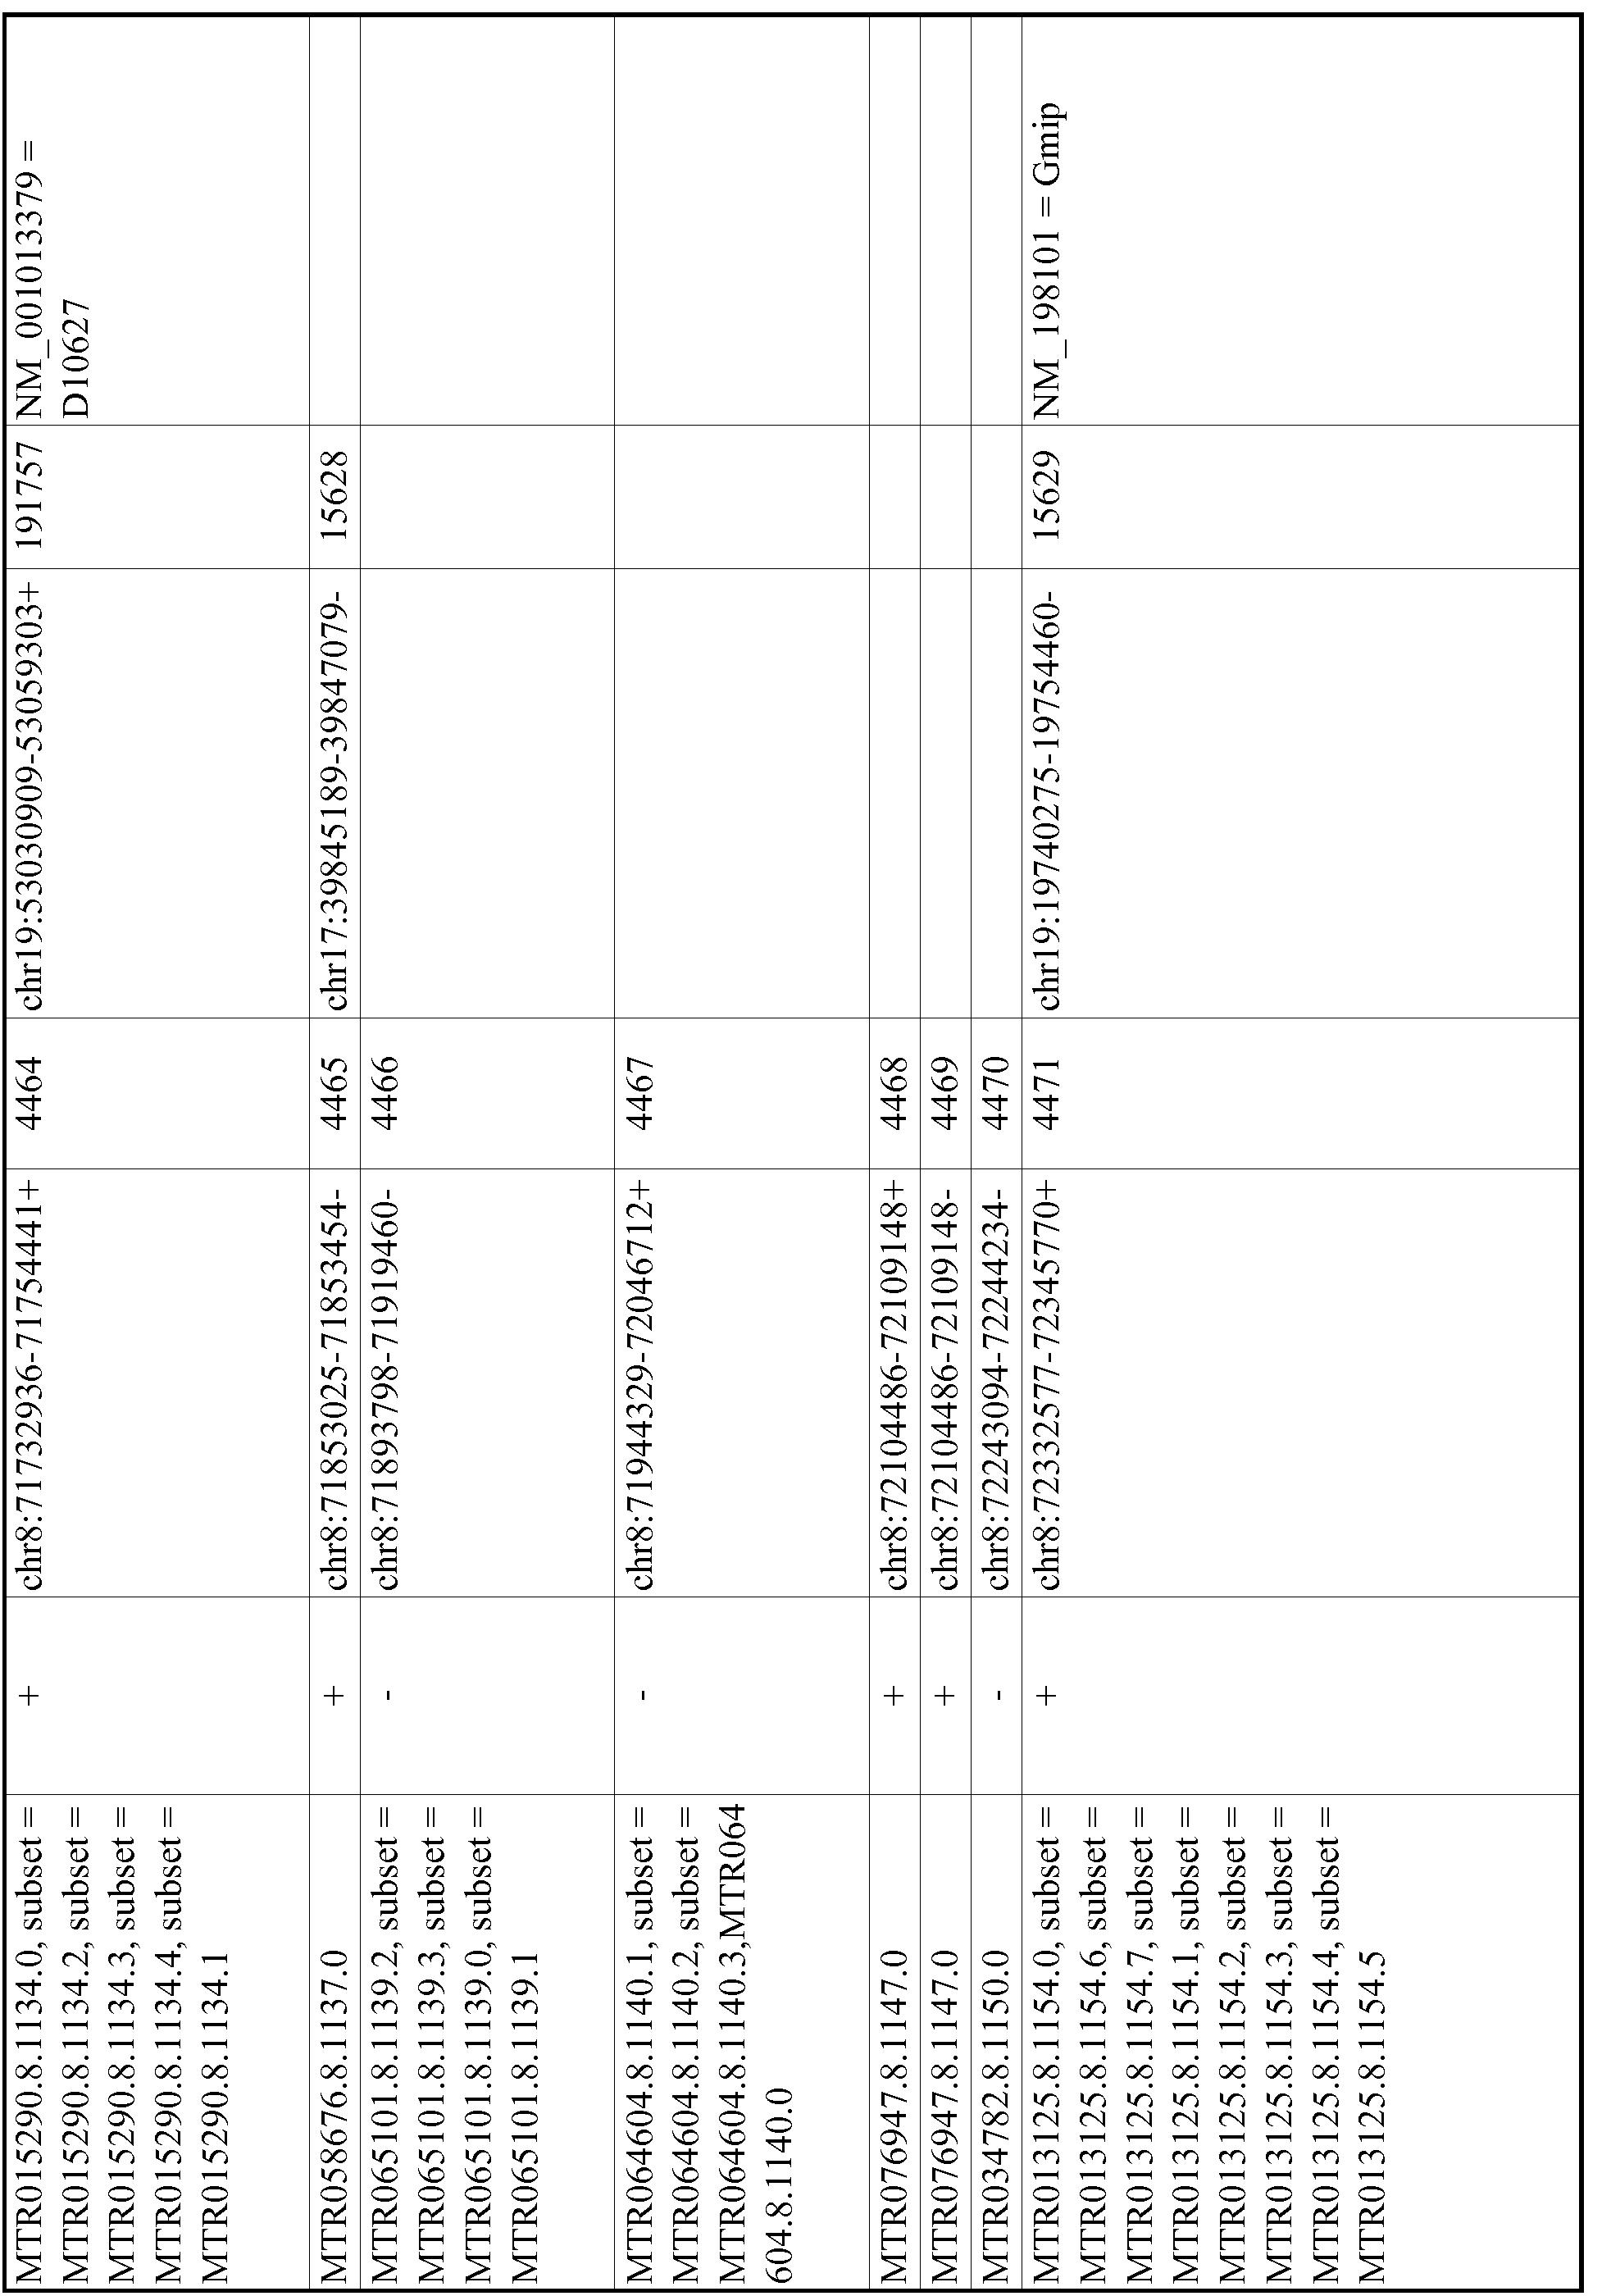 Figure imgf000830_0001